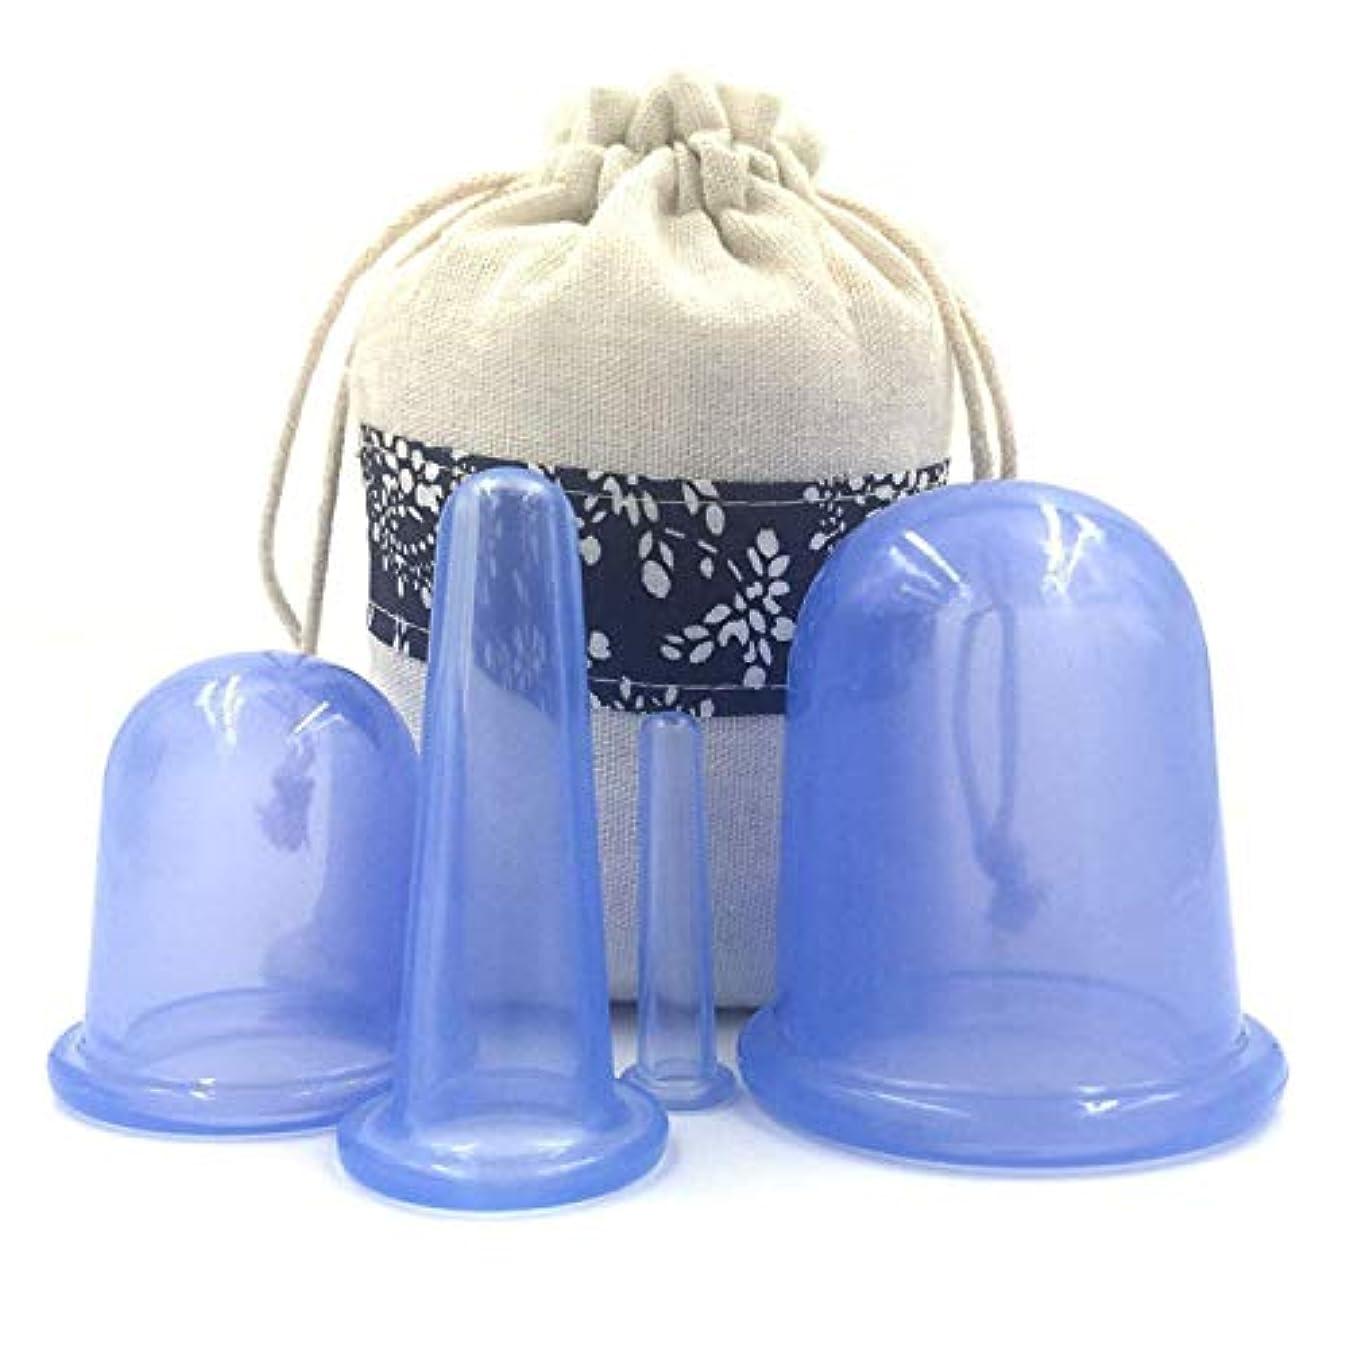 空気エレガント彼のセルライトカッピング療法シリコーンカッピングセット家庭用水分カッピングカッピングマッサージカップ